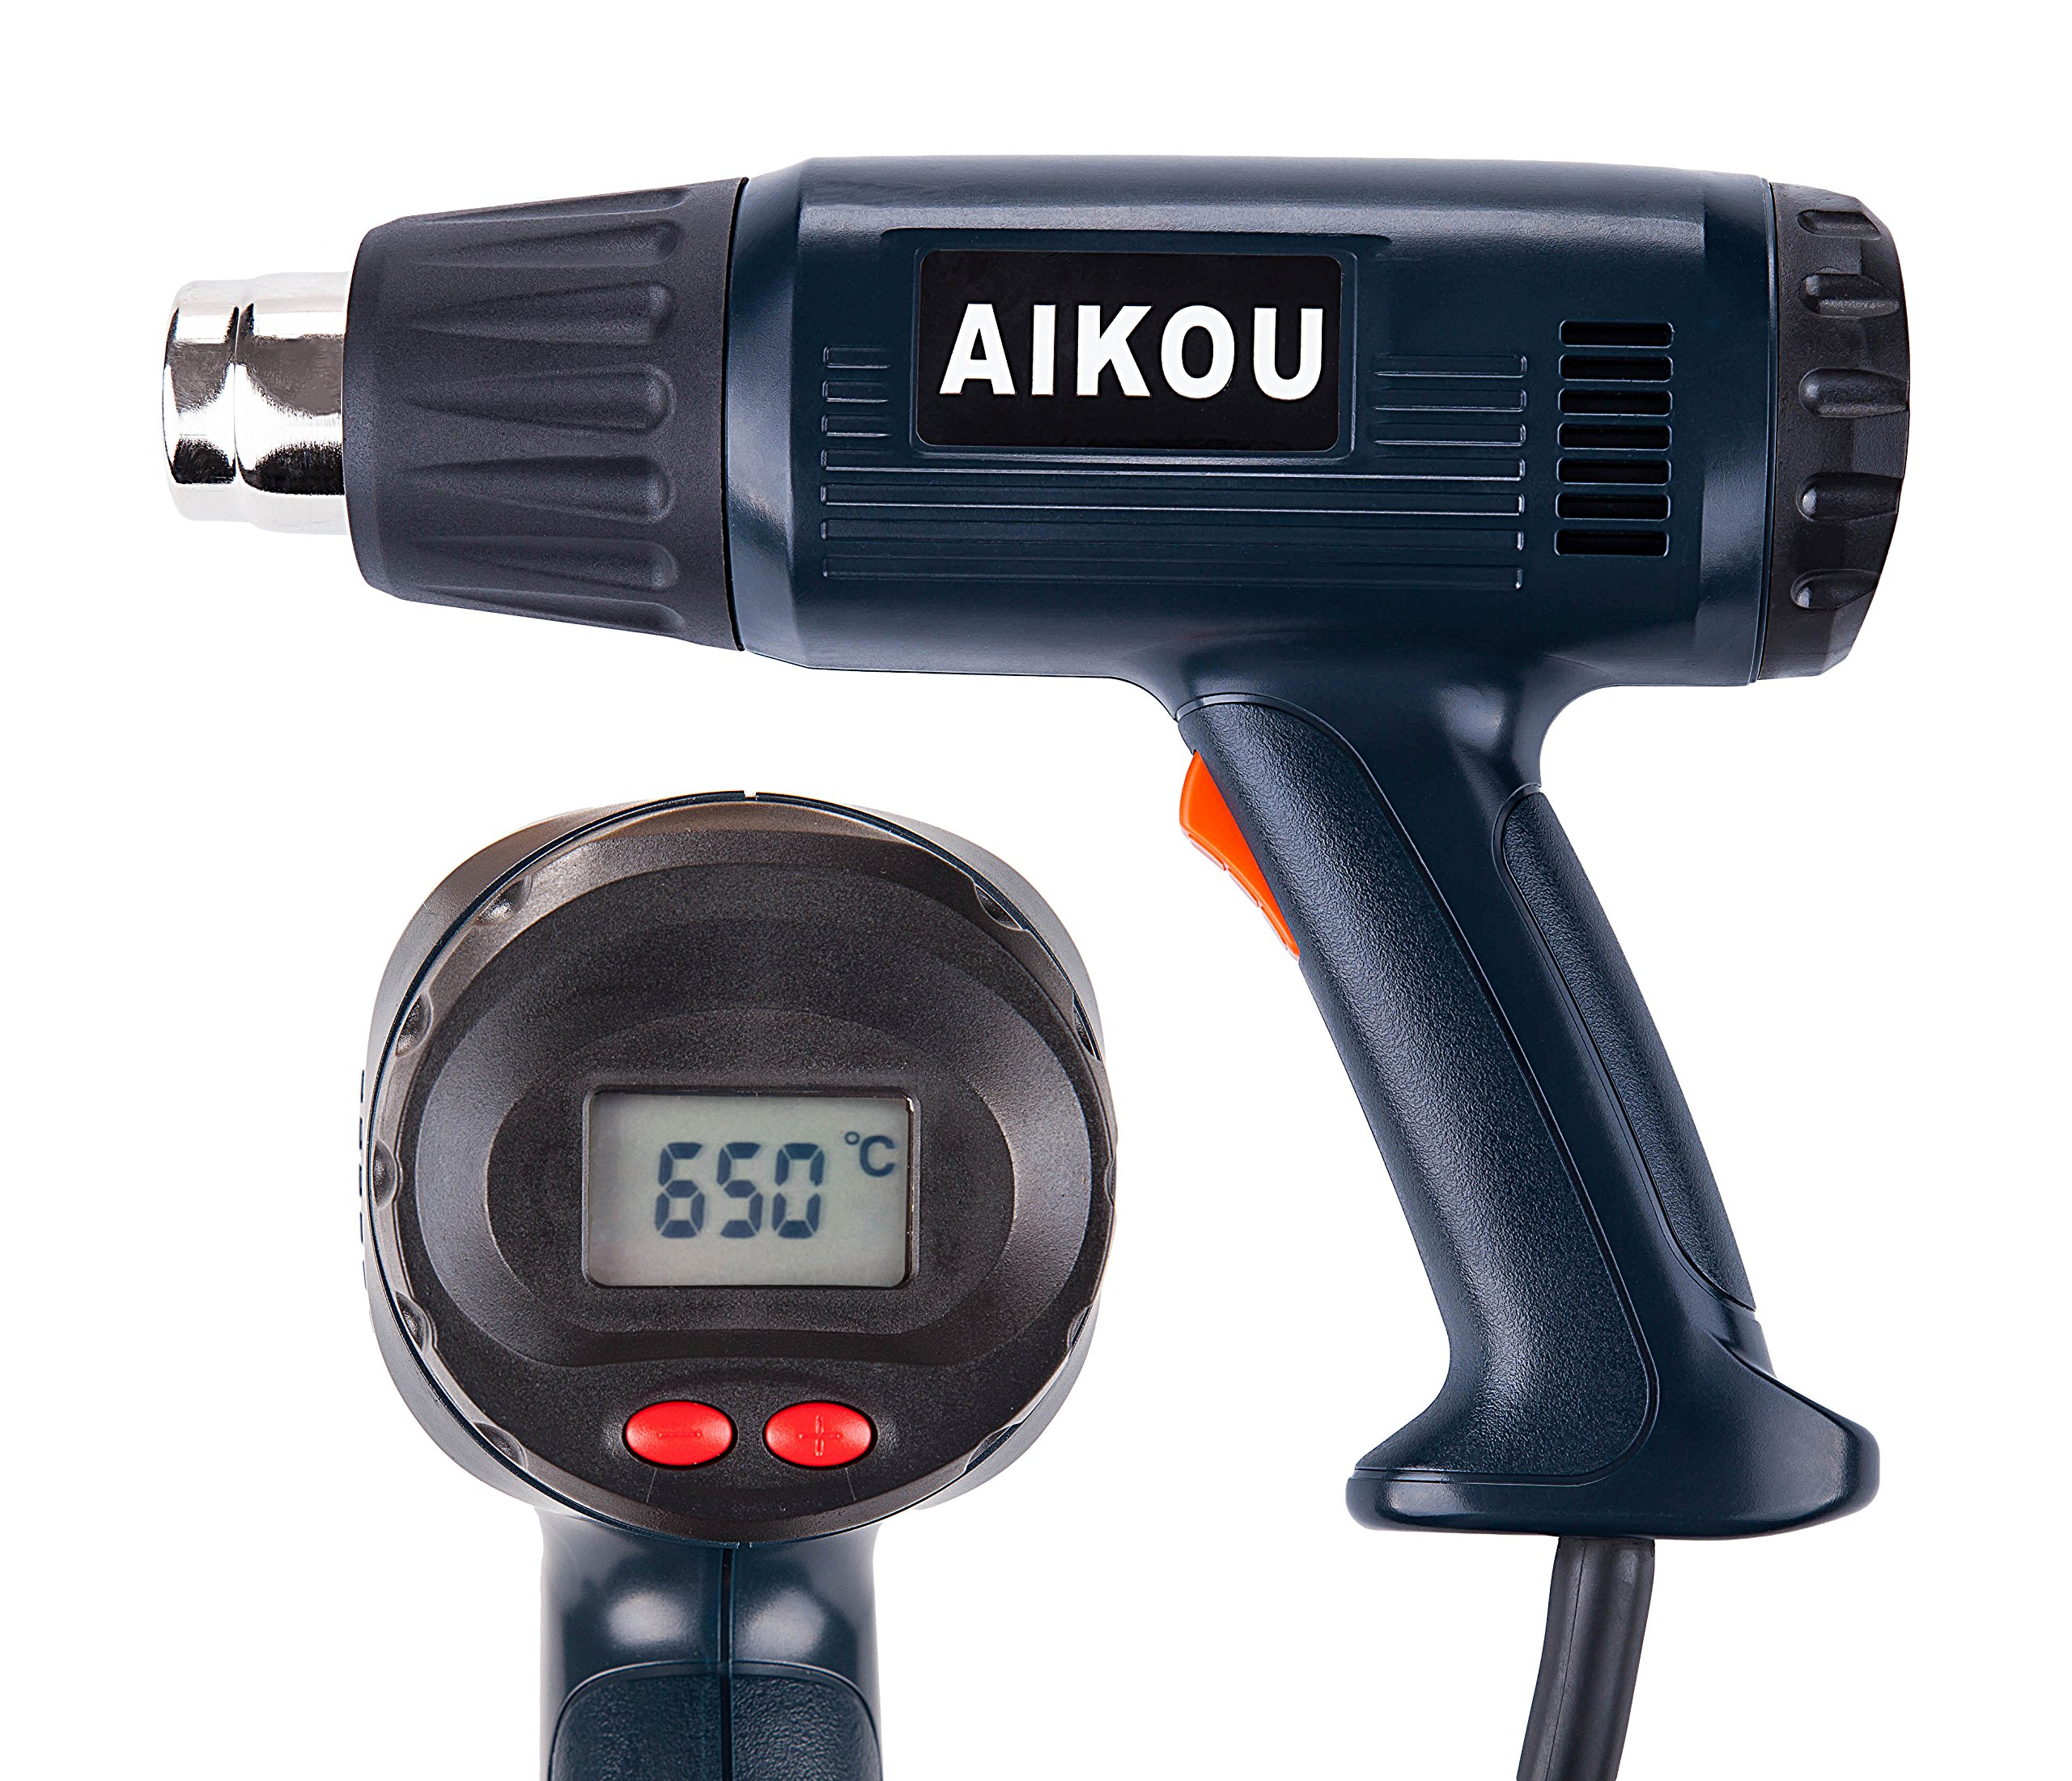 Pistola de aire caliente de 2000 vatios con pantalla LCD trasera Controles digitales, 100 °